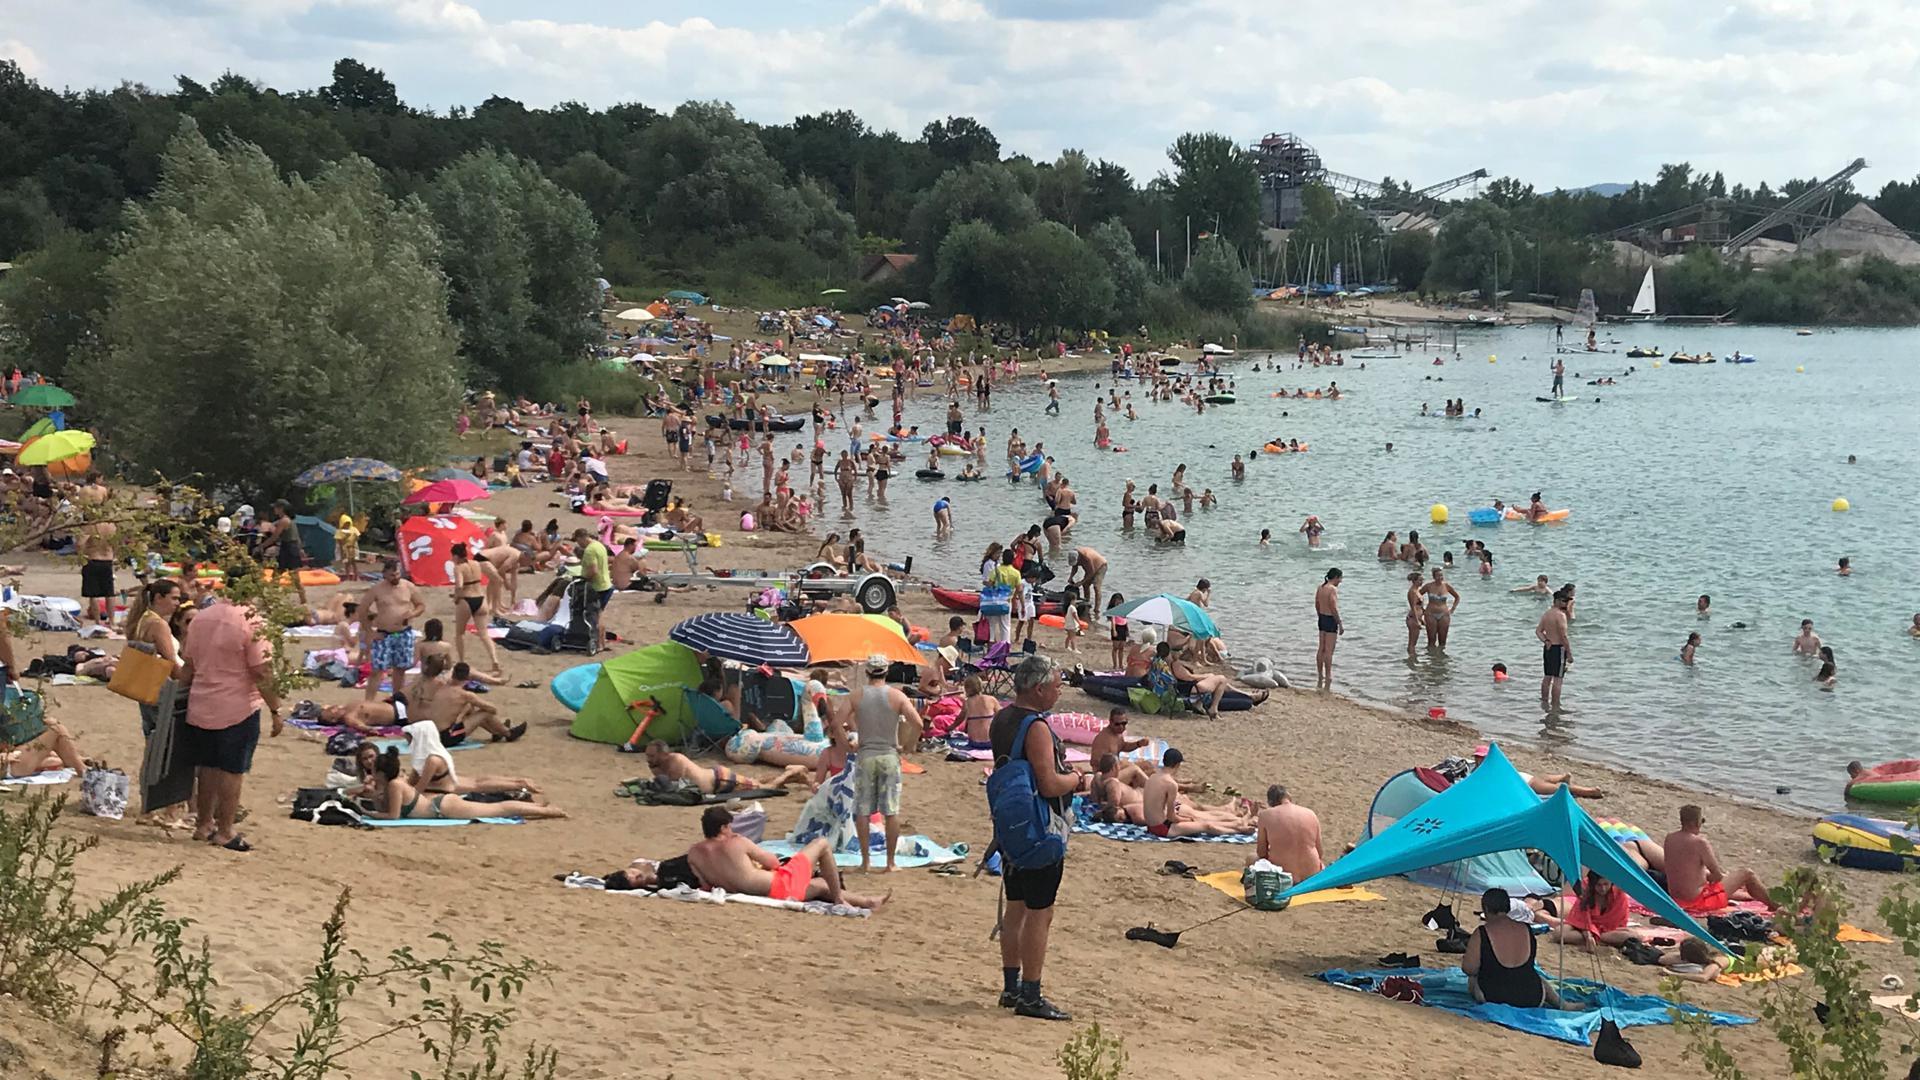 Am Sonntag herrschte am Epplesee reger Betrieb, die Parkplätze waren voll. Tausende Menschen bevölkerten die Strände.